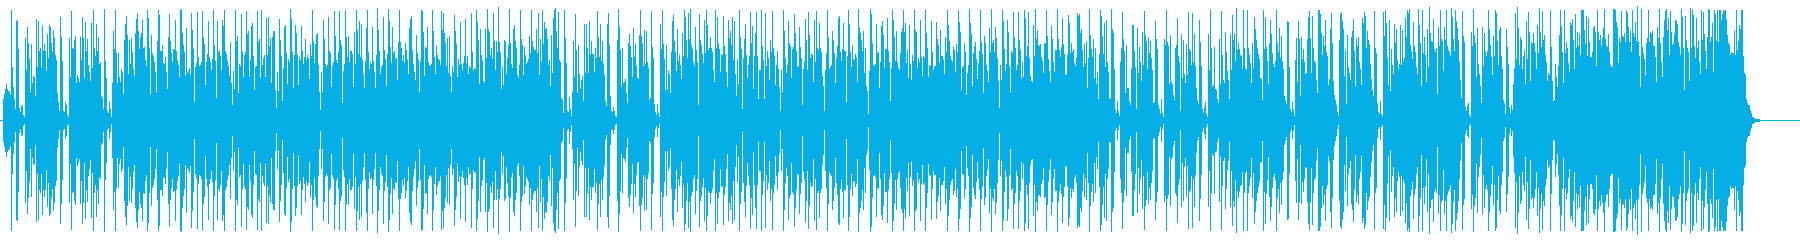 ラジオから流れてくる陽気なオールディーズの再生済みの波形